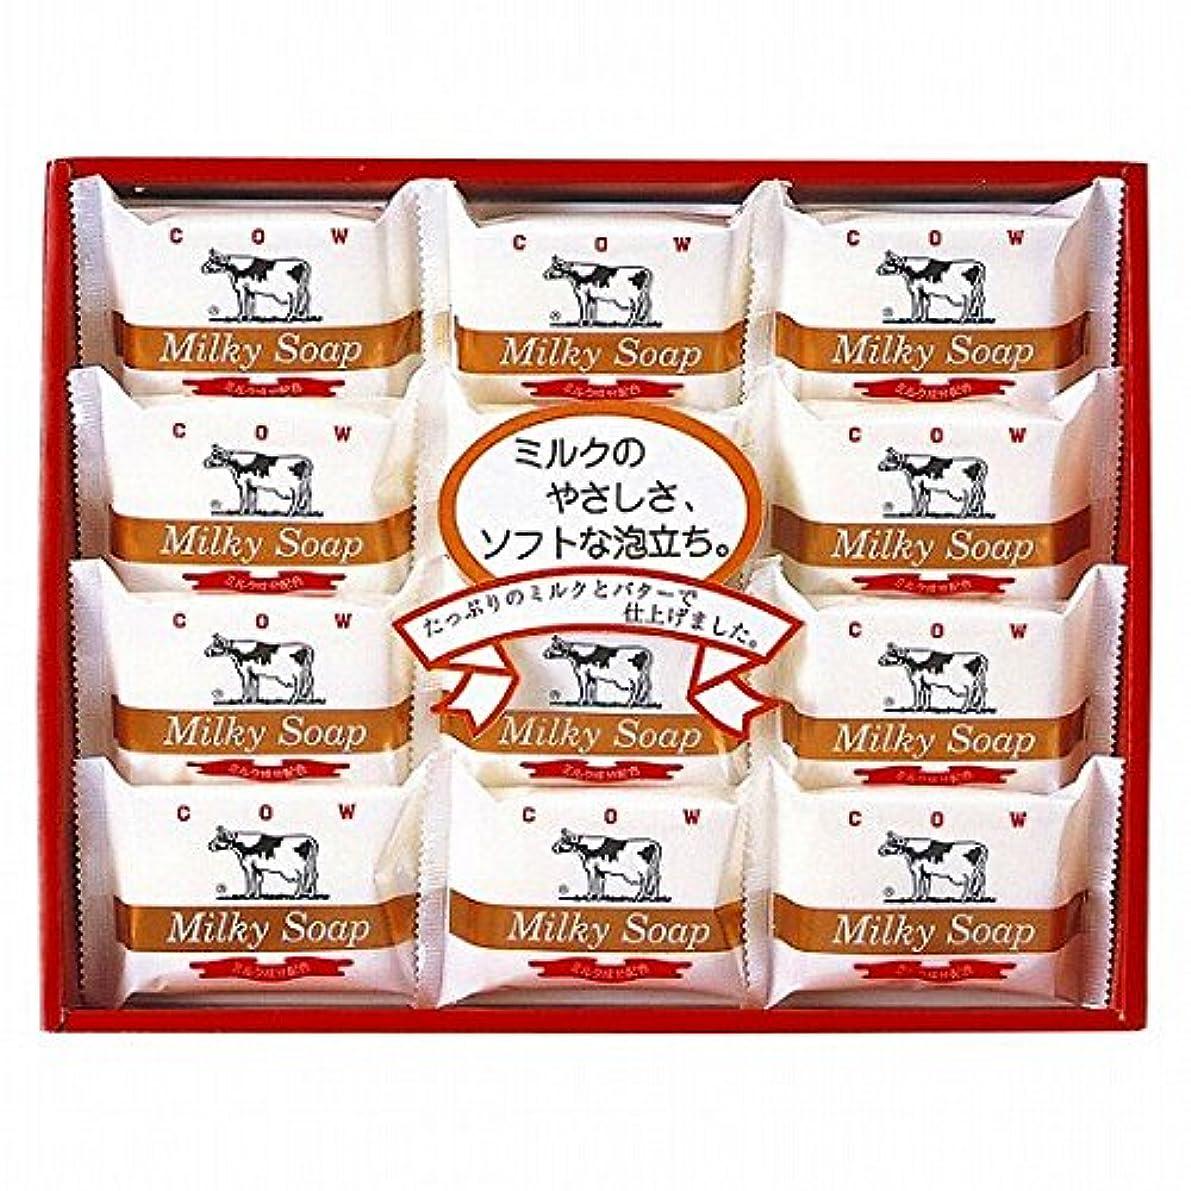 のりラショナルふざけたnobrand 牛乳石鹸 ゴールドソープセット (21940005)